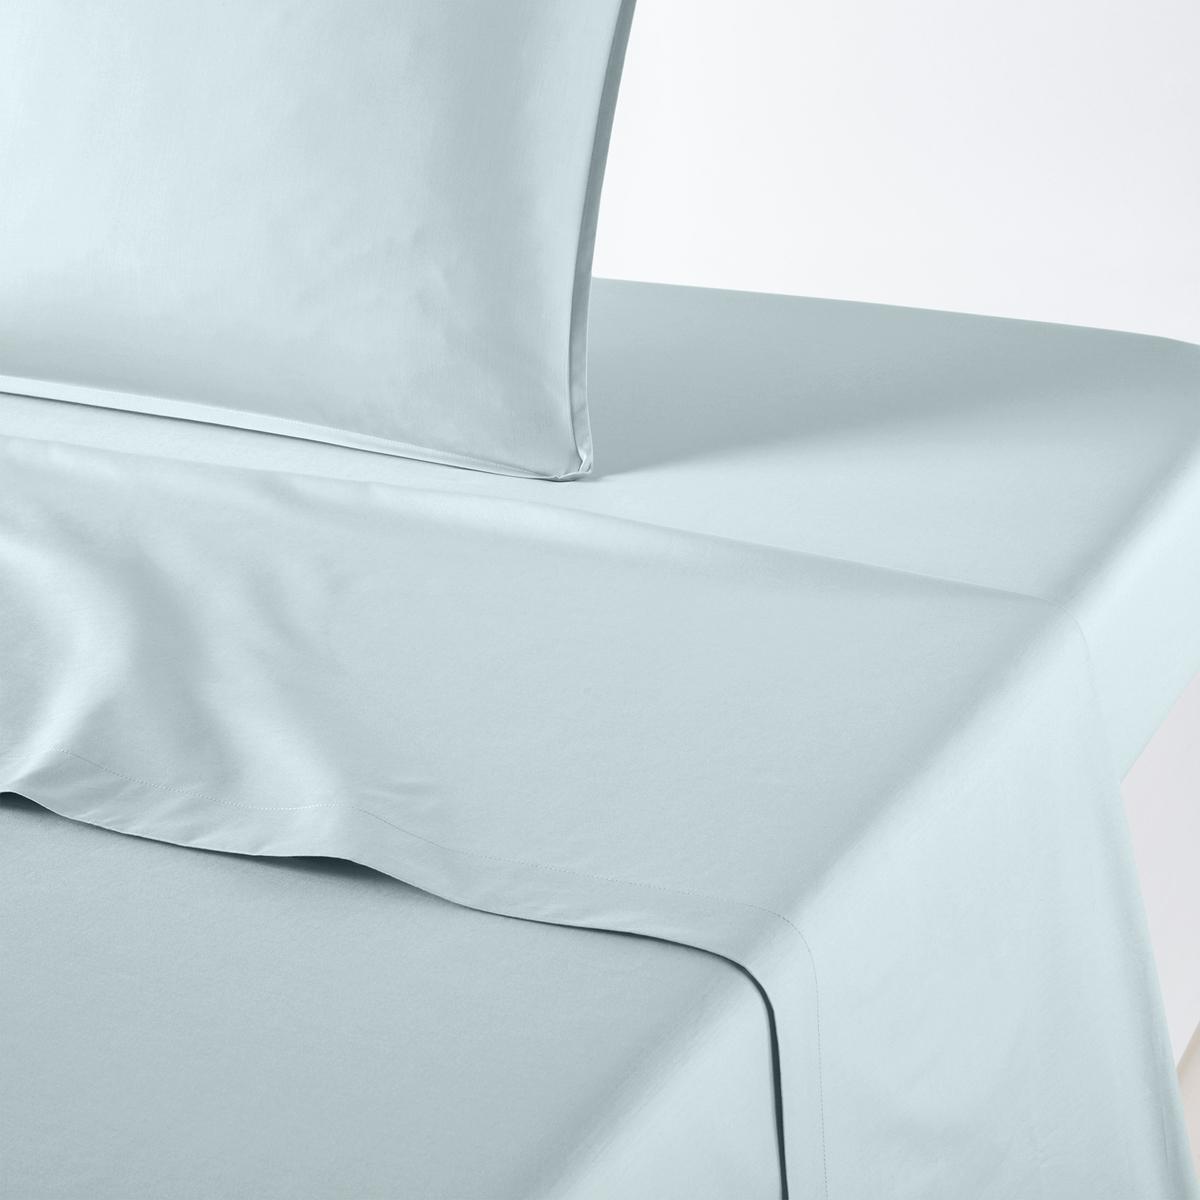 Фото - Простыня LaRedoute Плоская однотонная из хлопка и лиоцелла Lyo 180 x 290 см синий простыня laredoute однотонная из стираного хлопка mirni 240 x 290 см белый